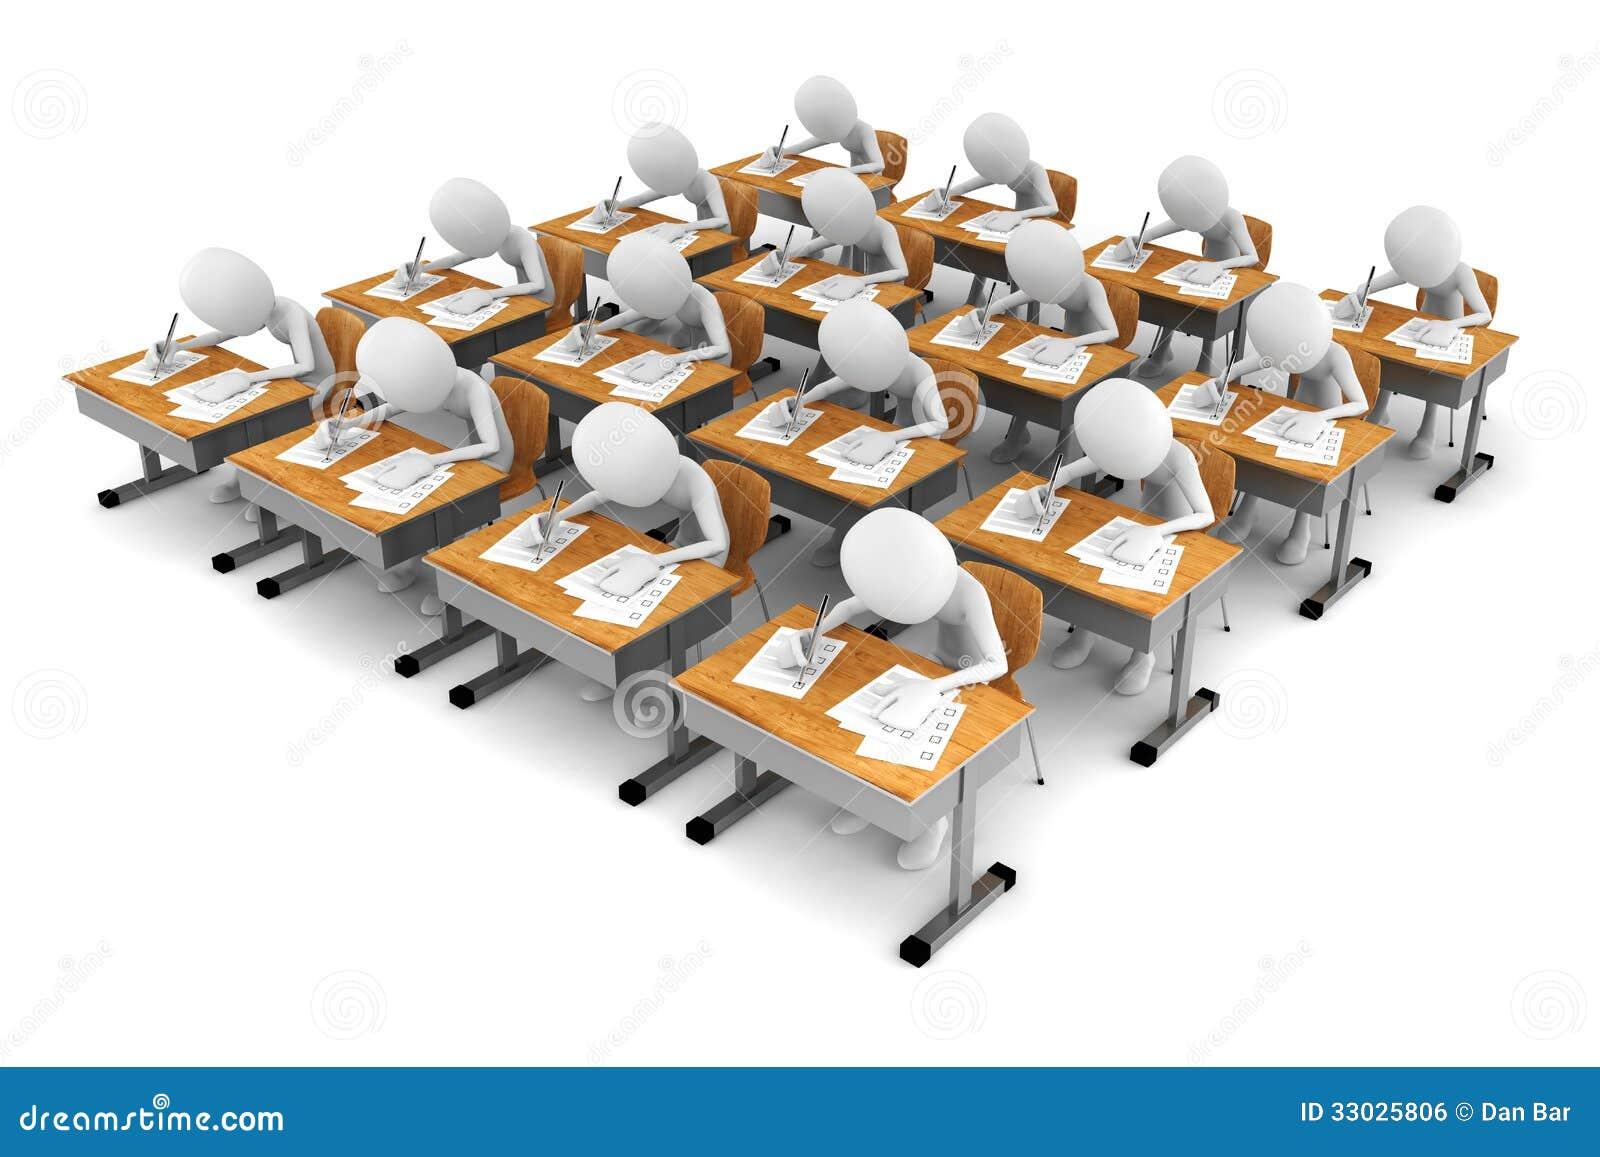 Homme 3d Dans La Salle De Classe, Essai Du0026#39;examen Image libre de droits ...